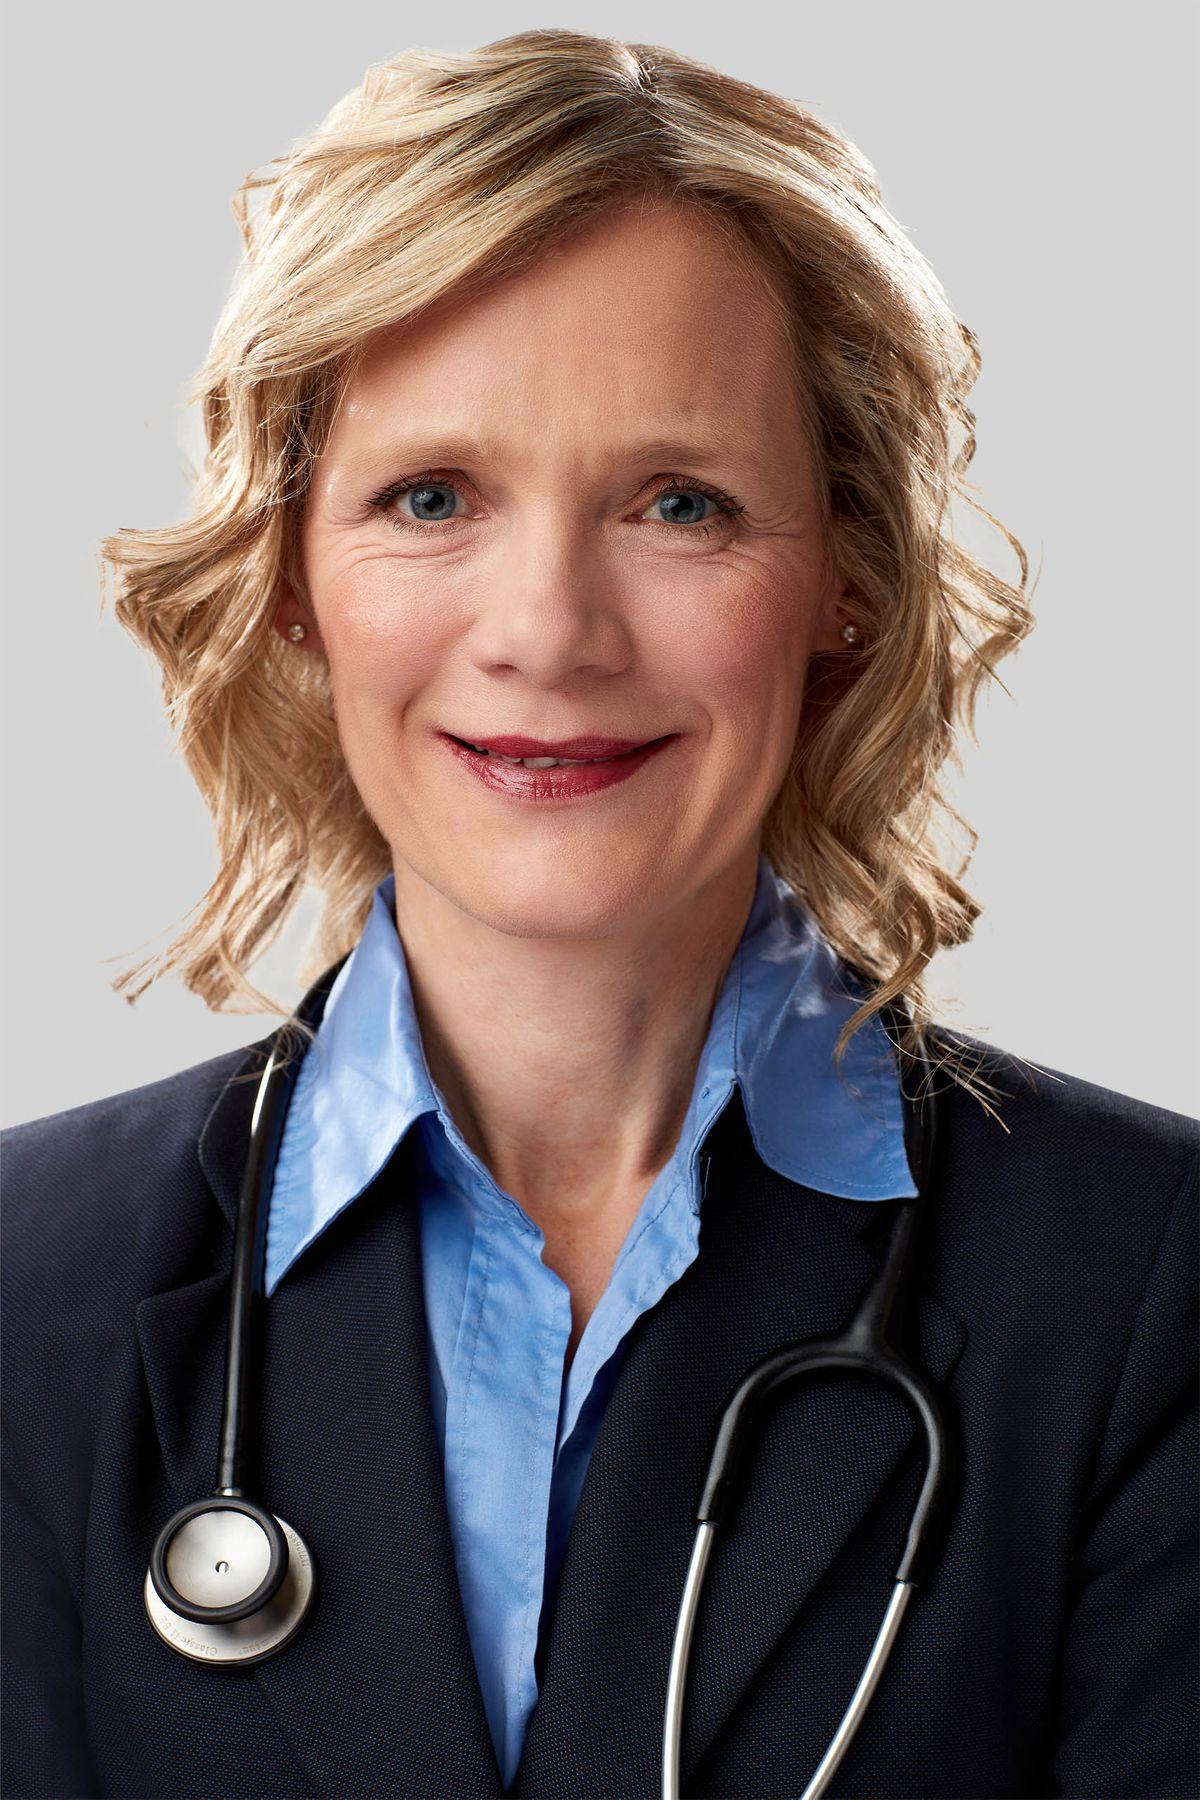 Liselotte Dyrbye, M.D. AMA Portrait